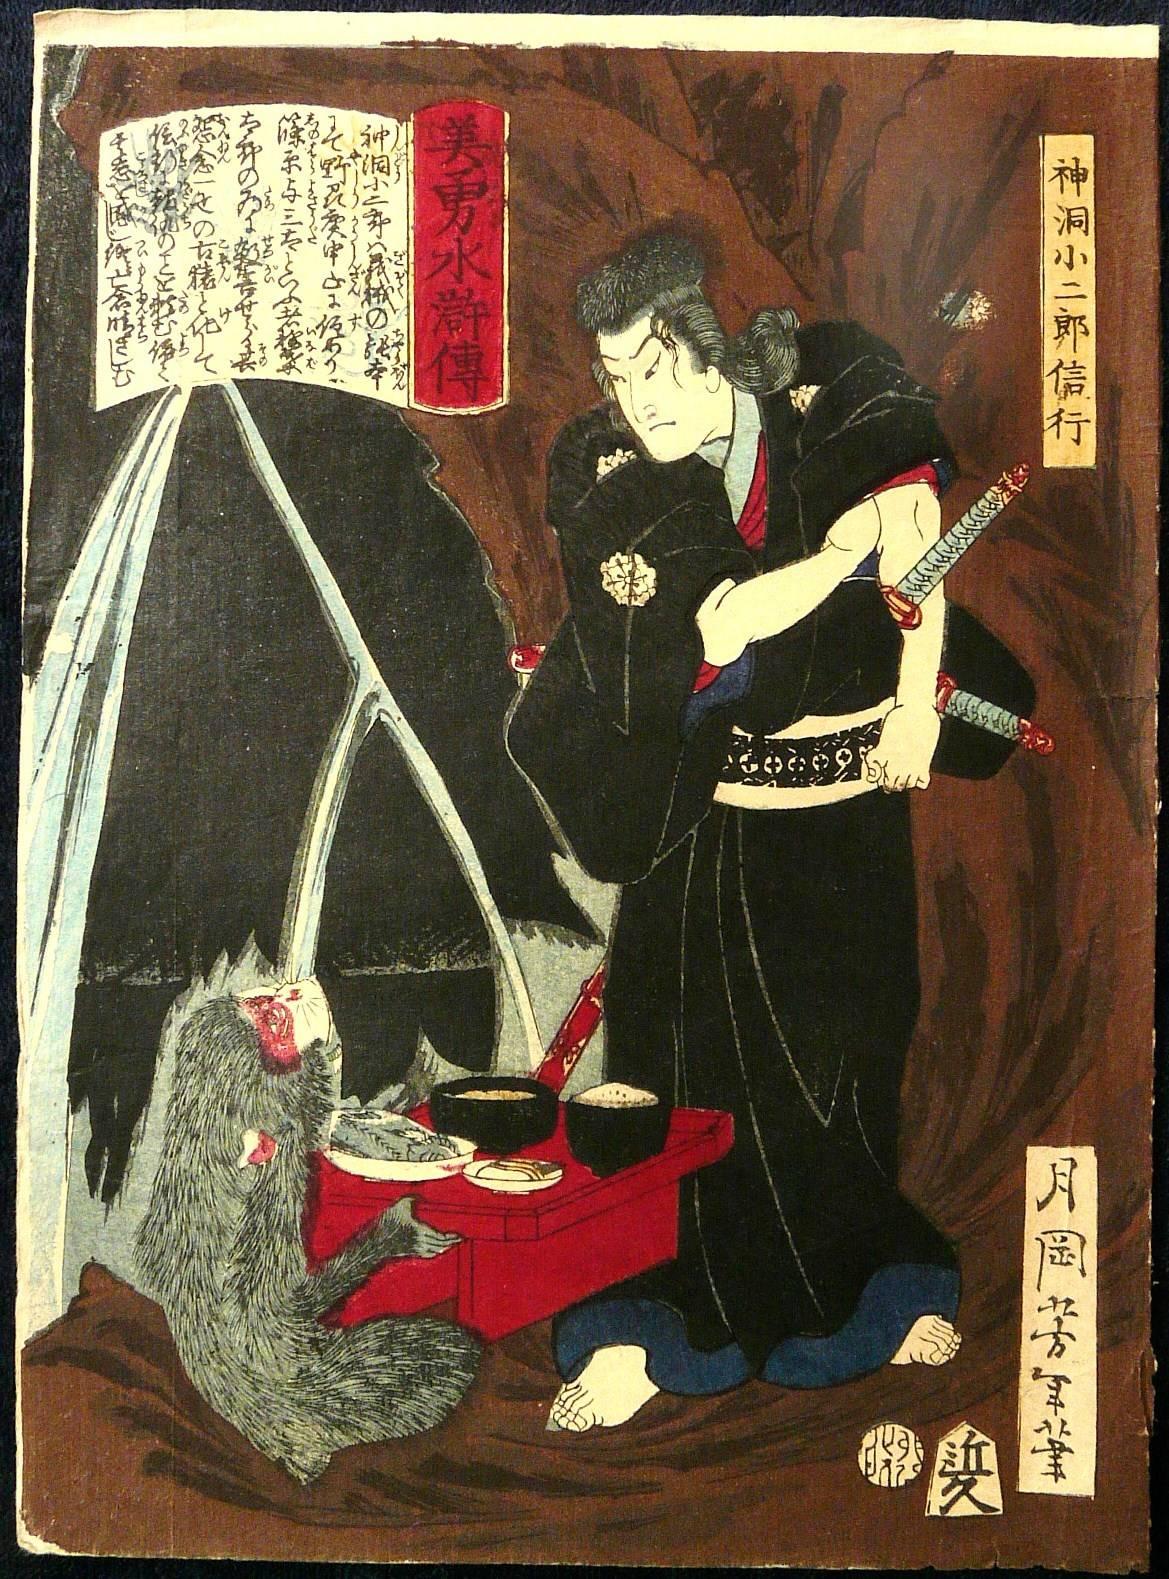 TAISO YOSHITOSHI: #P3977 SHINDO KOJIRO ENTERTAINS A MONKEY IN HIS CAVE, No 47 IN THE SERIES BIYU SUIKODEN